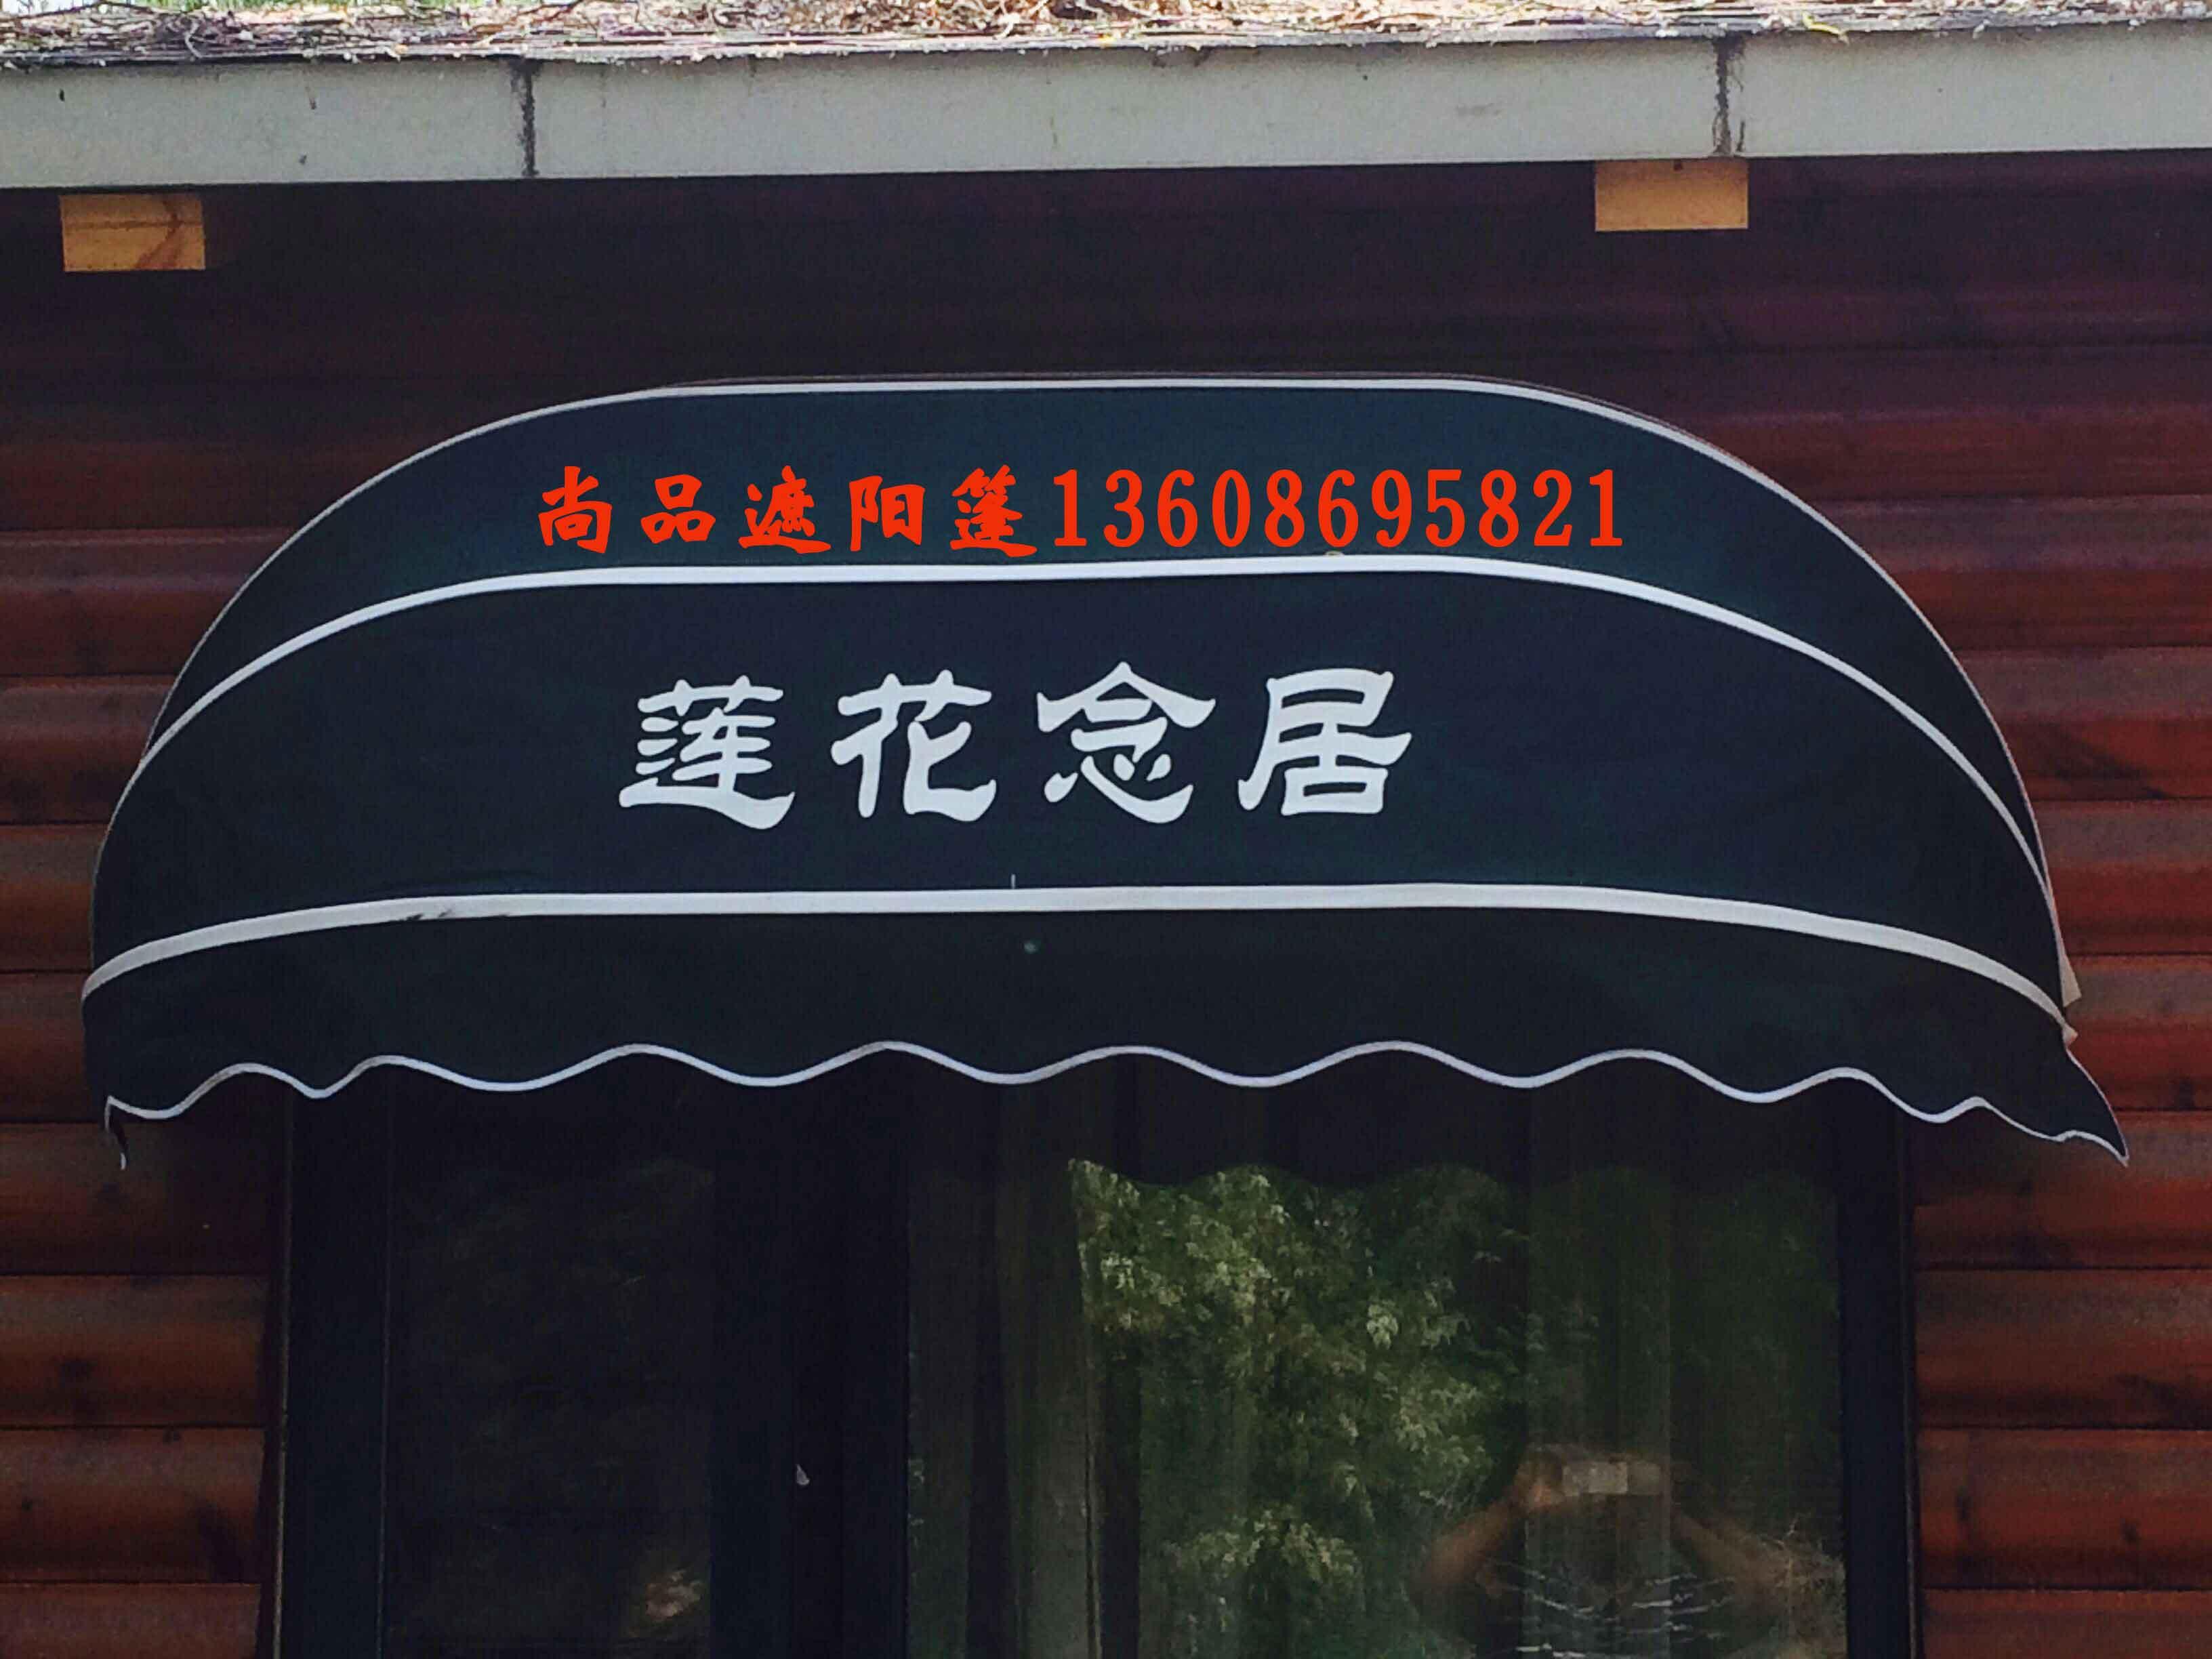 郑州遮阳篷厂家_哪里能买到满意的遮阳蓬